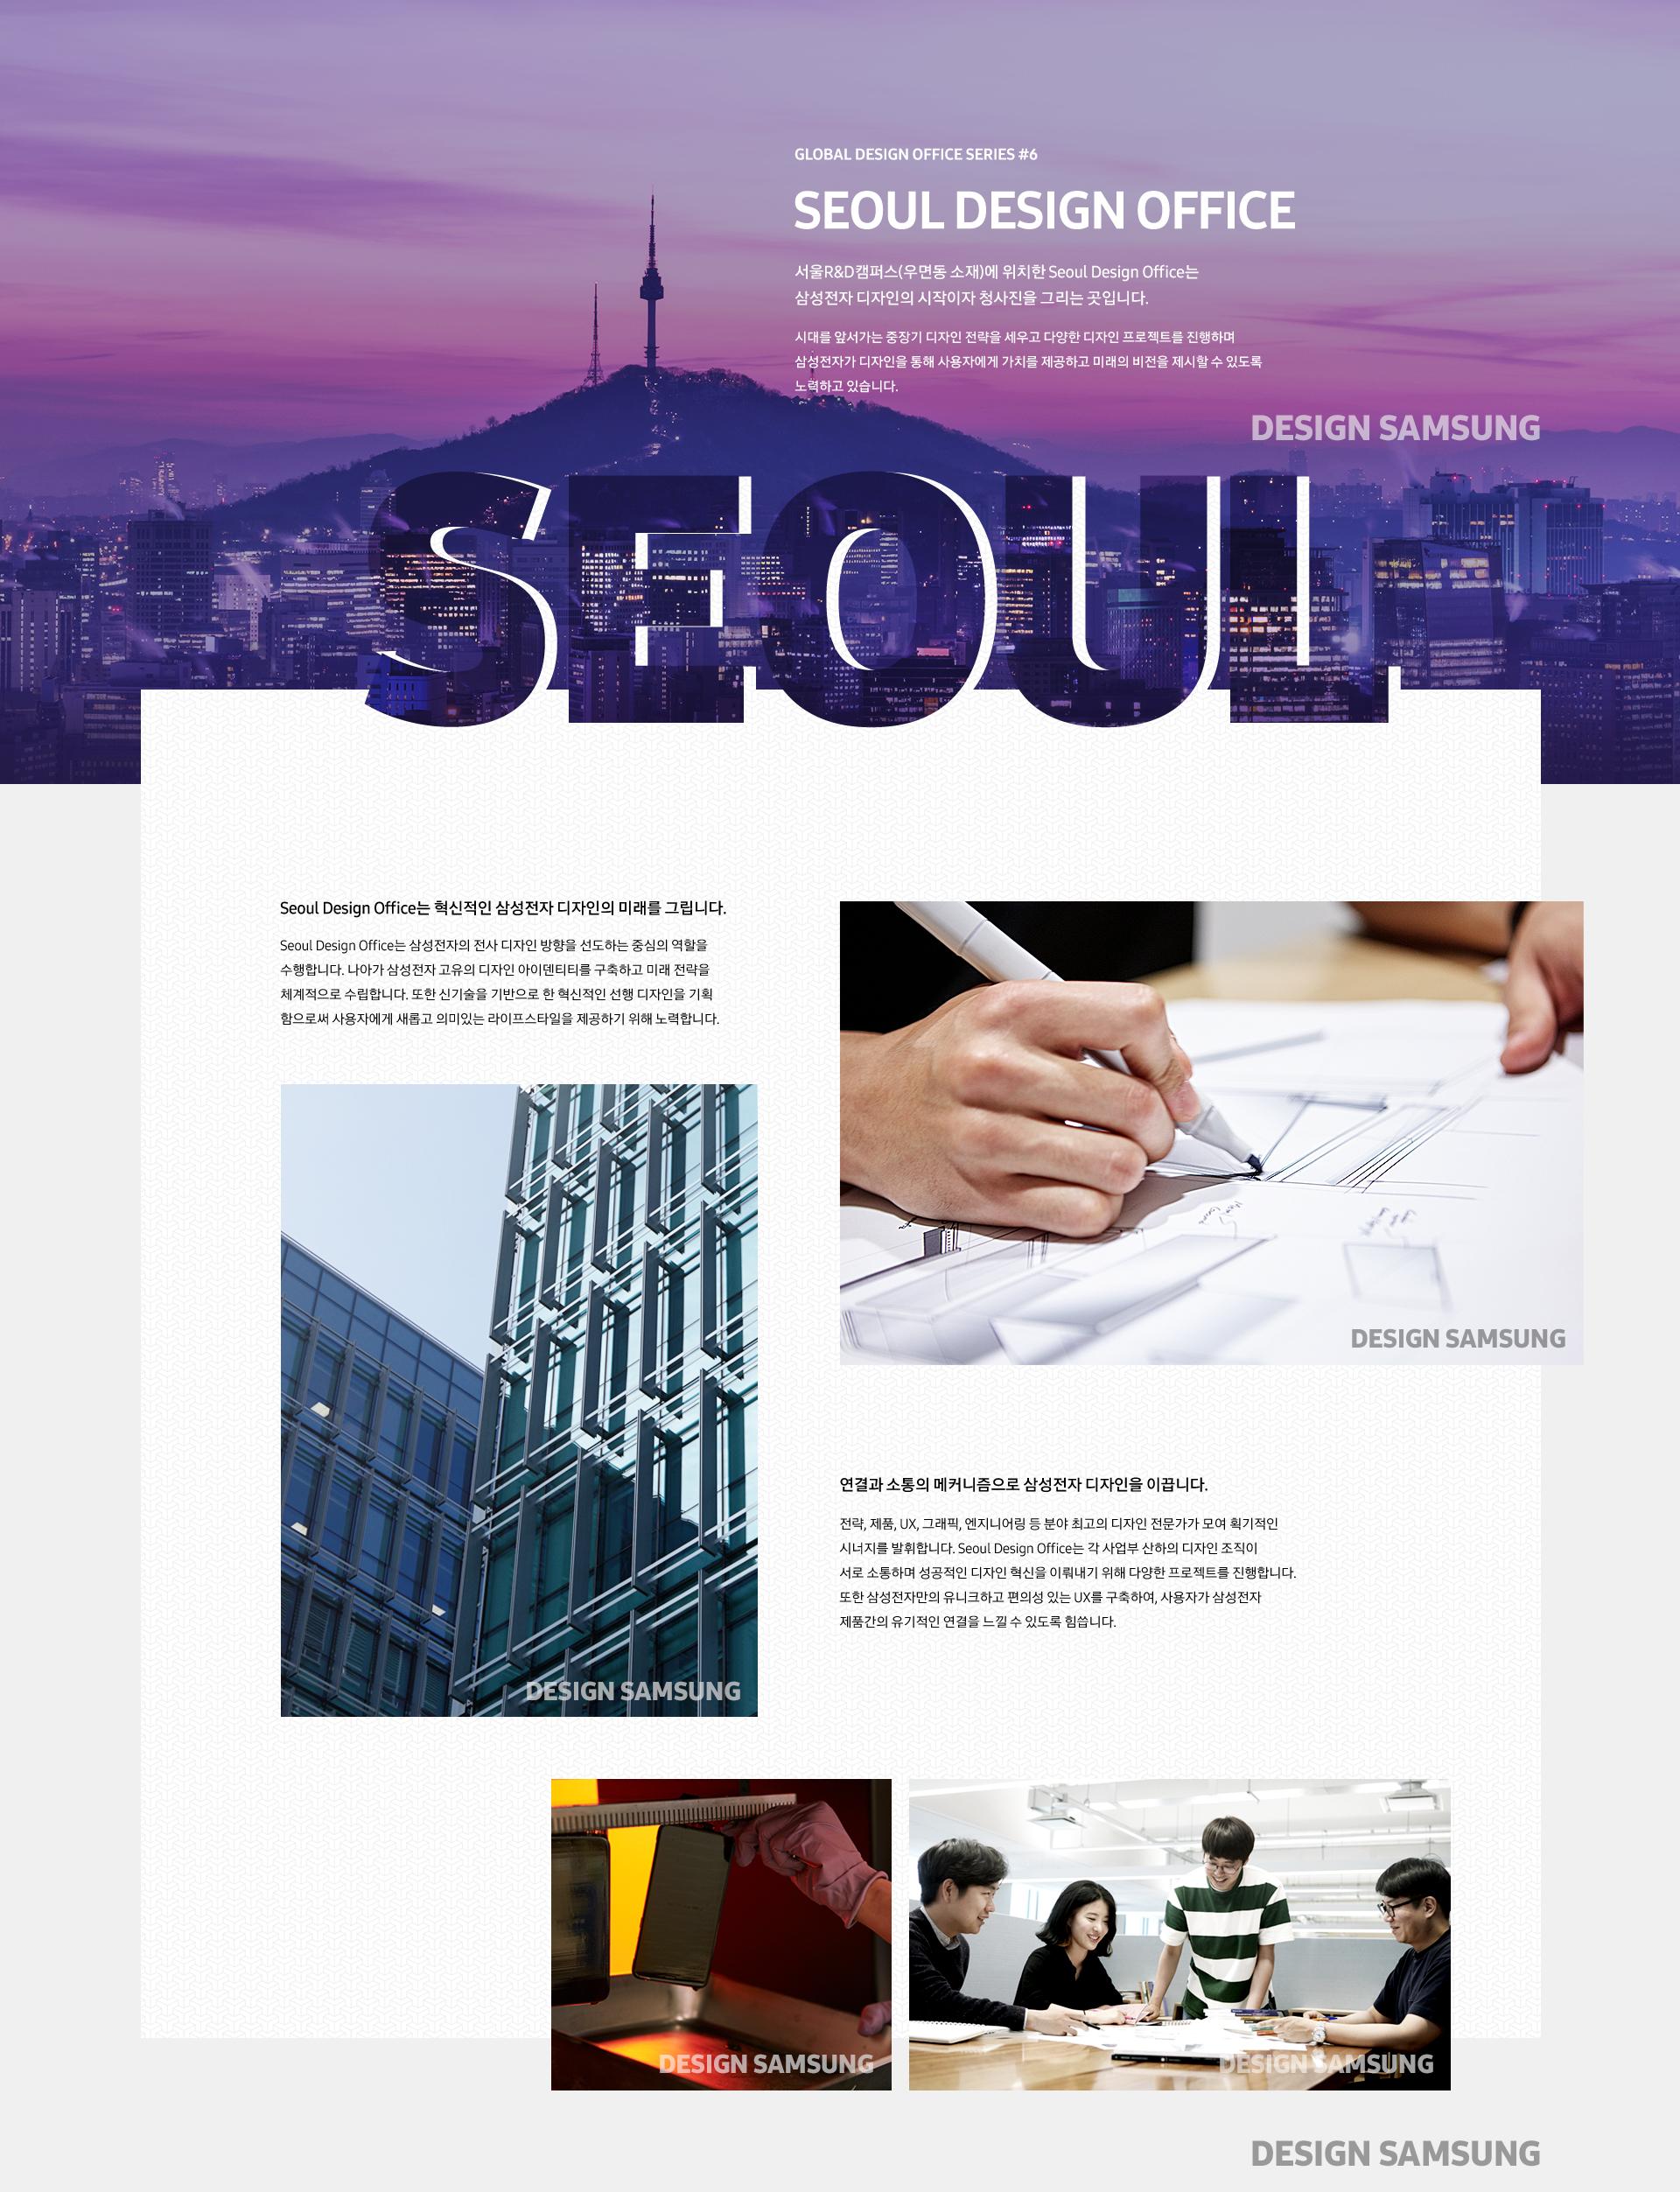 서울R&D캠퍼스(우면동 소재)에 위치한 Seoul Design Office는  삼성전자 디자인의 시작이자 청사진을 그리는 곳입니다.  시대를 앞서가는 중장기 디자인 전략을 세우고 다양한 디자인 프로젝트를 진행하며 삼성전자가 디자인을 통해 사용자에게 가치를 제공하고 미래의 비전을 제시할 수 있도록 노력하고 있습니다.    Seoul Design Office는 혁신적인 삼성전자 디자인의 미래를 그립니다.  Seoul Design Office는 삼성전자의 전사 디자인 방향을 선도하는 중심의 역할을 수행합니다. 나아가 삼성전자 고유의 디자인 아이덴티티를 구축하고 미래 전략을 체계적으로 수립합니다. 또한 신기술을 기반으로 한 혁신적인 선행 디자인을 기획함으로써 사용자에게 새롭고 의미있는 라이프스타일을 제공하기 위해 노력합니다.    연결과 소통의 메커니즘으로 삼성전자 디자인을 이끕니다.  전략, 제품, UX, 그래픽, 엔지니어링 등 분야 최고의 디자인 전문가가 모여 획기적인 시너지를 발휘합니다. Seoul Design Office는 각 사업부 산하의 디자인 조직이 서로 소통하며 성공적인 디자인 혁신을 이뤄내기 위해 다양한 프로젝트를 진행합니다. 또한 삼성전자만의 유니크하고 편의성 있는 UX를 구축하여, 사용자가 삼성전자 제품간의 유기적인 연결을 느낄 수 있도록 힘씁니다.